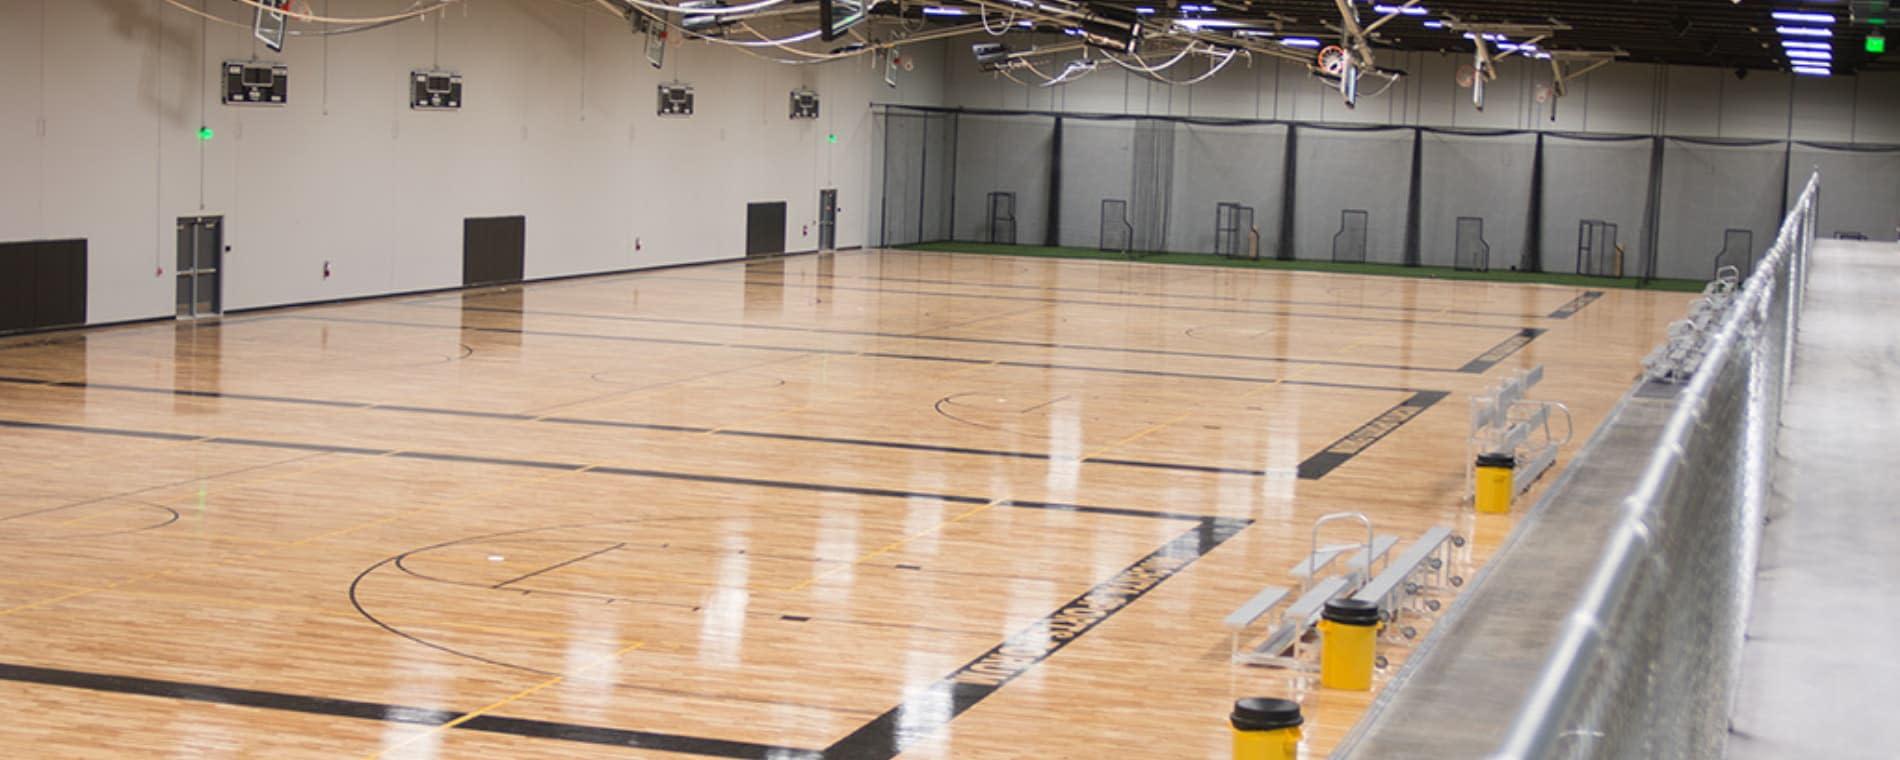 Wichita Sports Forum Basketball Courts